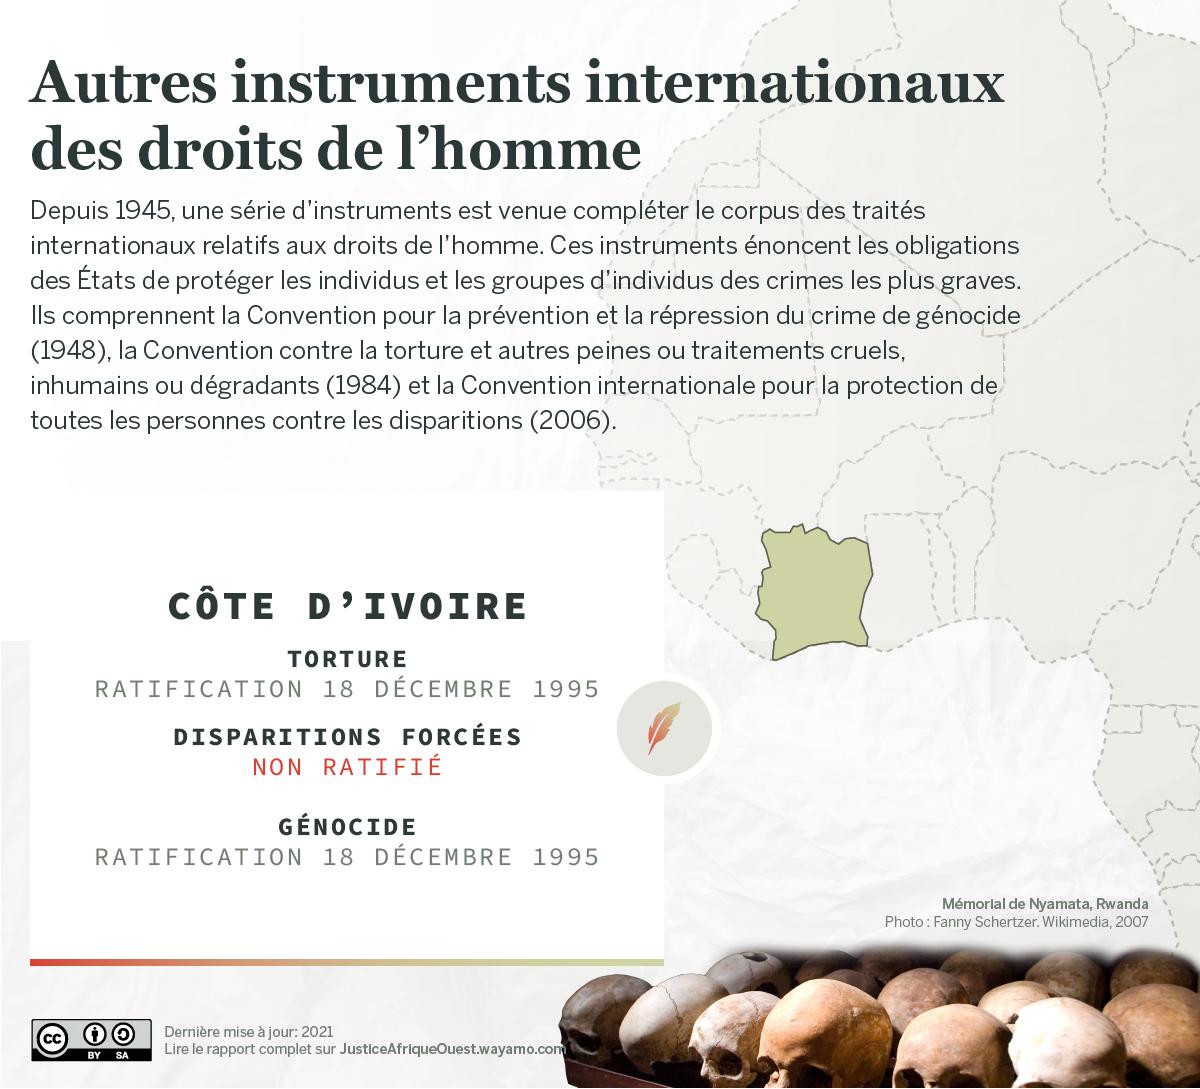 COTE D'IVOIRE_Droits de l'homme_1 - Wayamo Foundation (CC BY-SA 4.0)